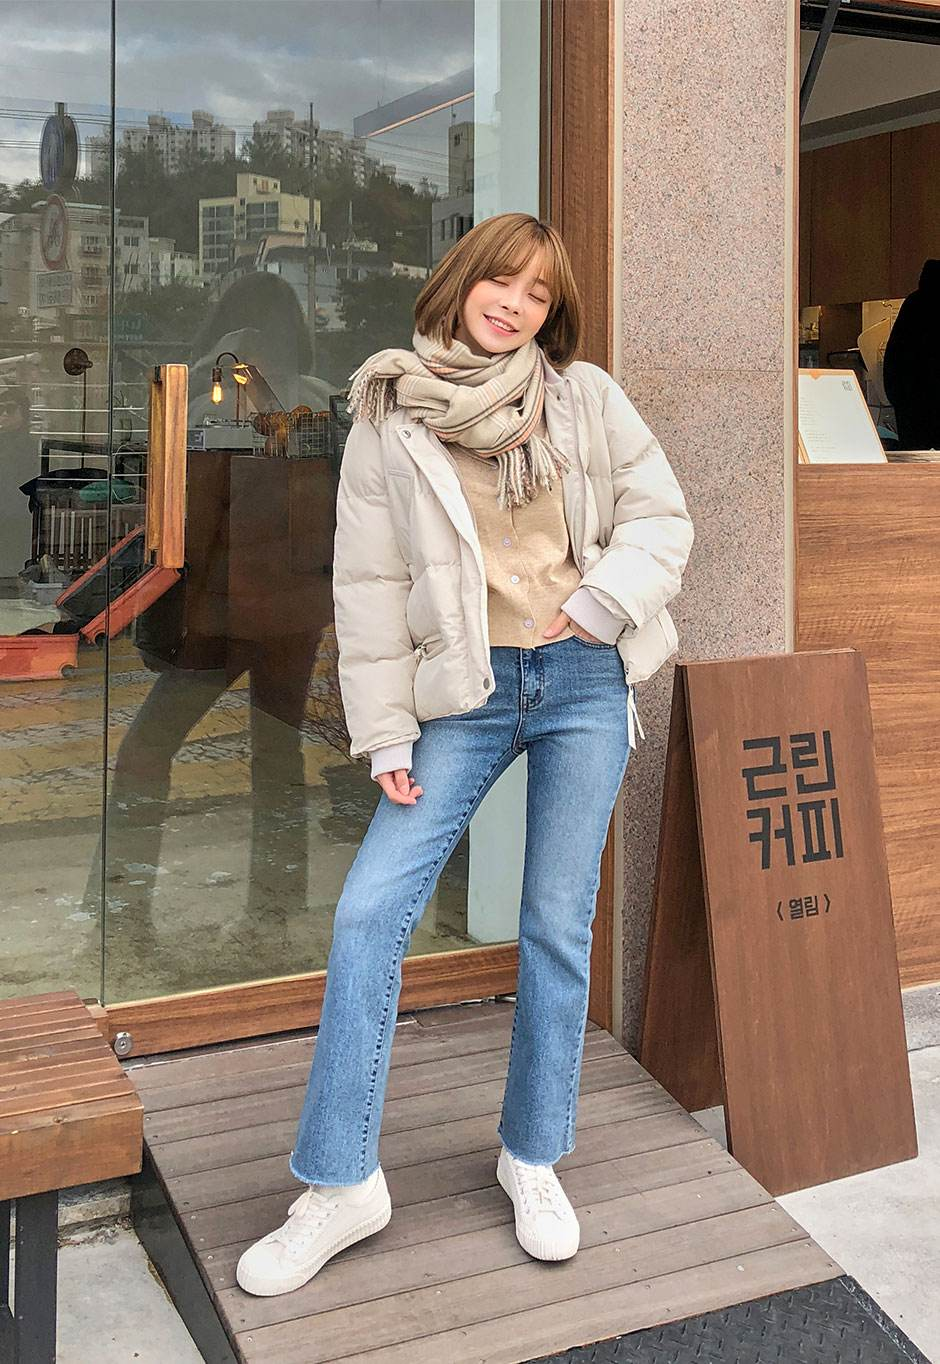 率性款: 這個冬天果然還是像當個帥氣十足的個性女孩?沒問題,只要有一條單色的簡單圍巾就可以達成!打法不同於基本款,只要繞完一圈脖子再打上一個平結就可以完成,是不是超級簡單?也是裡面簡單穿個貼身衣物,套個飛行外套,搭配一雙黑色短靴,率性LOOK就這樣完成啦~